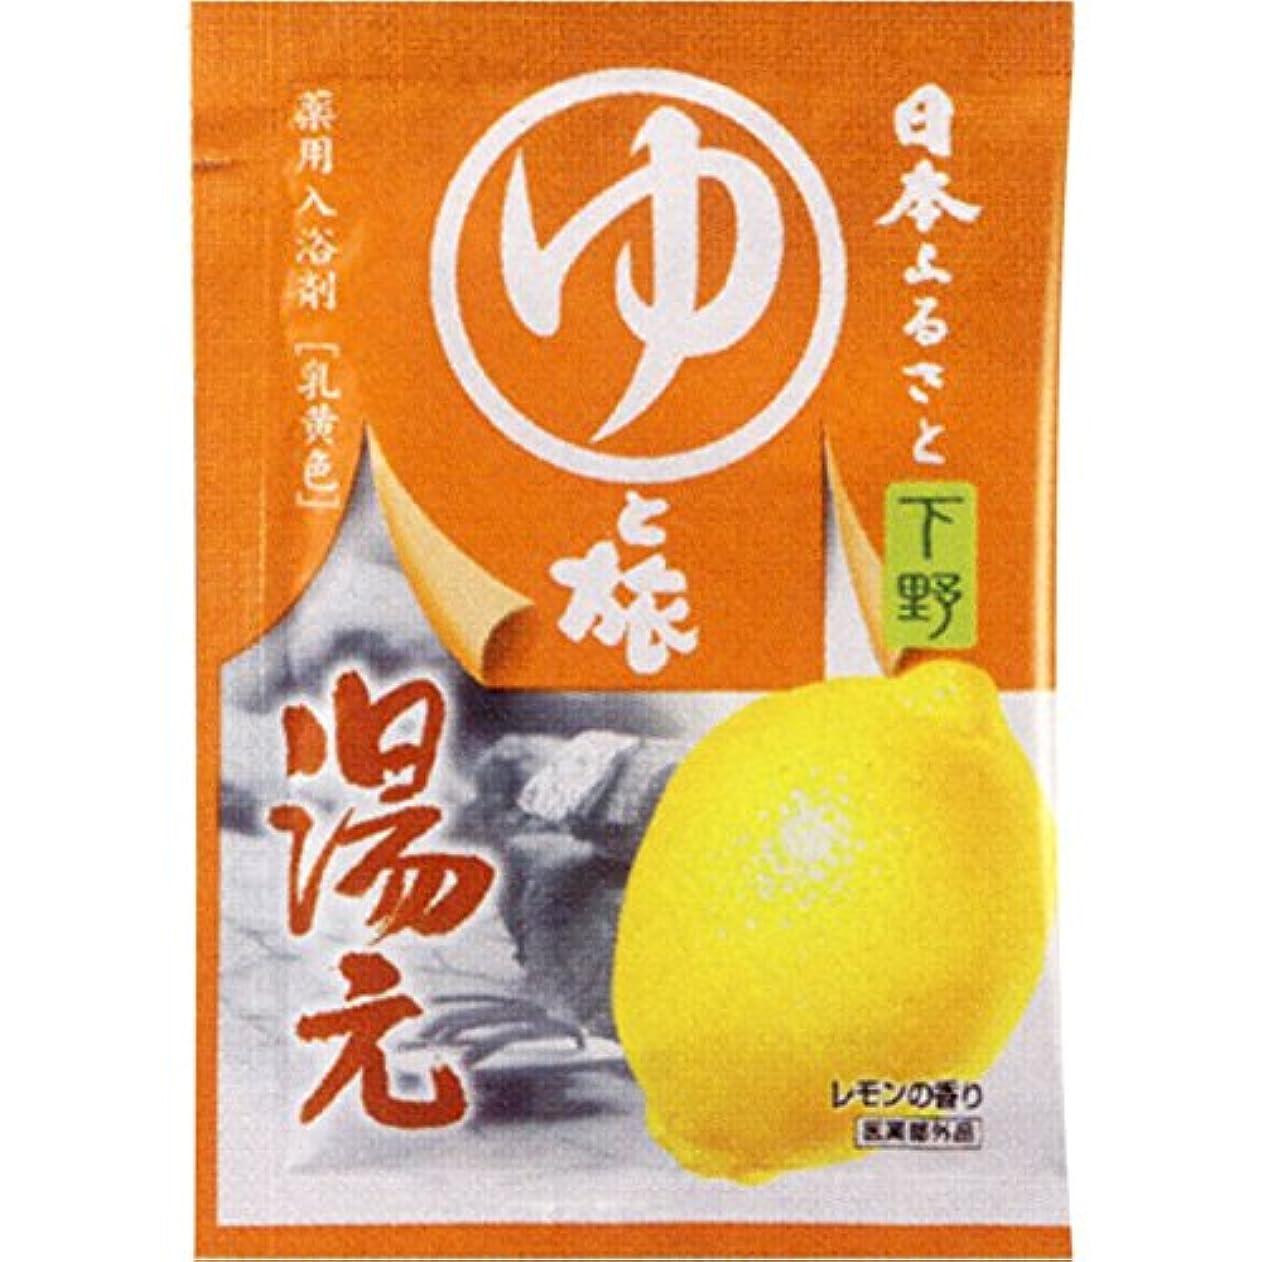 阻害するスパンセクタヤマサキ 日本ふるさとゆと旅 湯元 30g (医薬部外品)